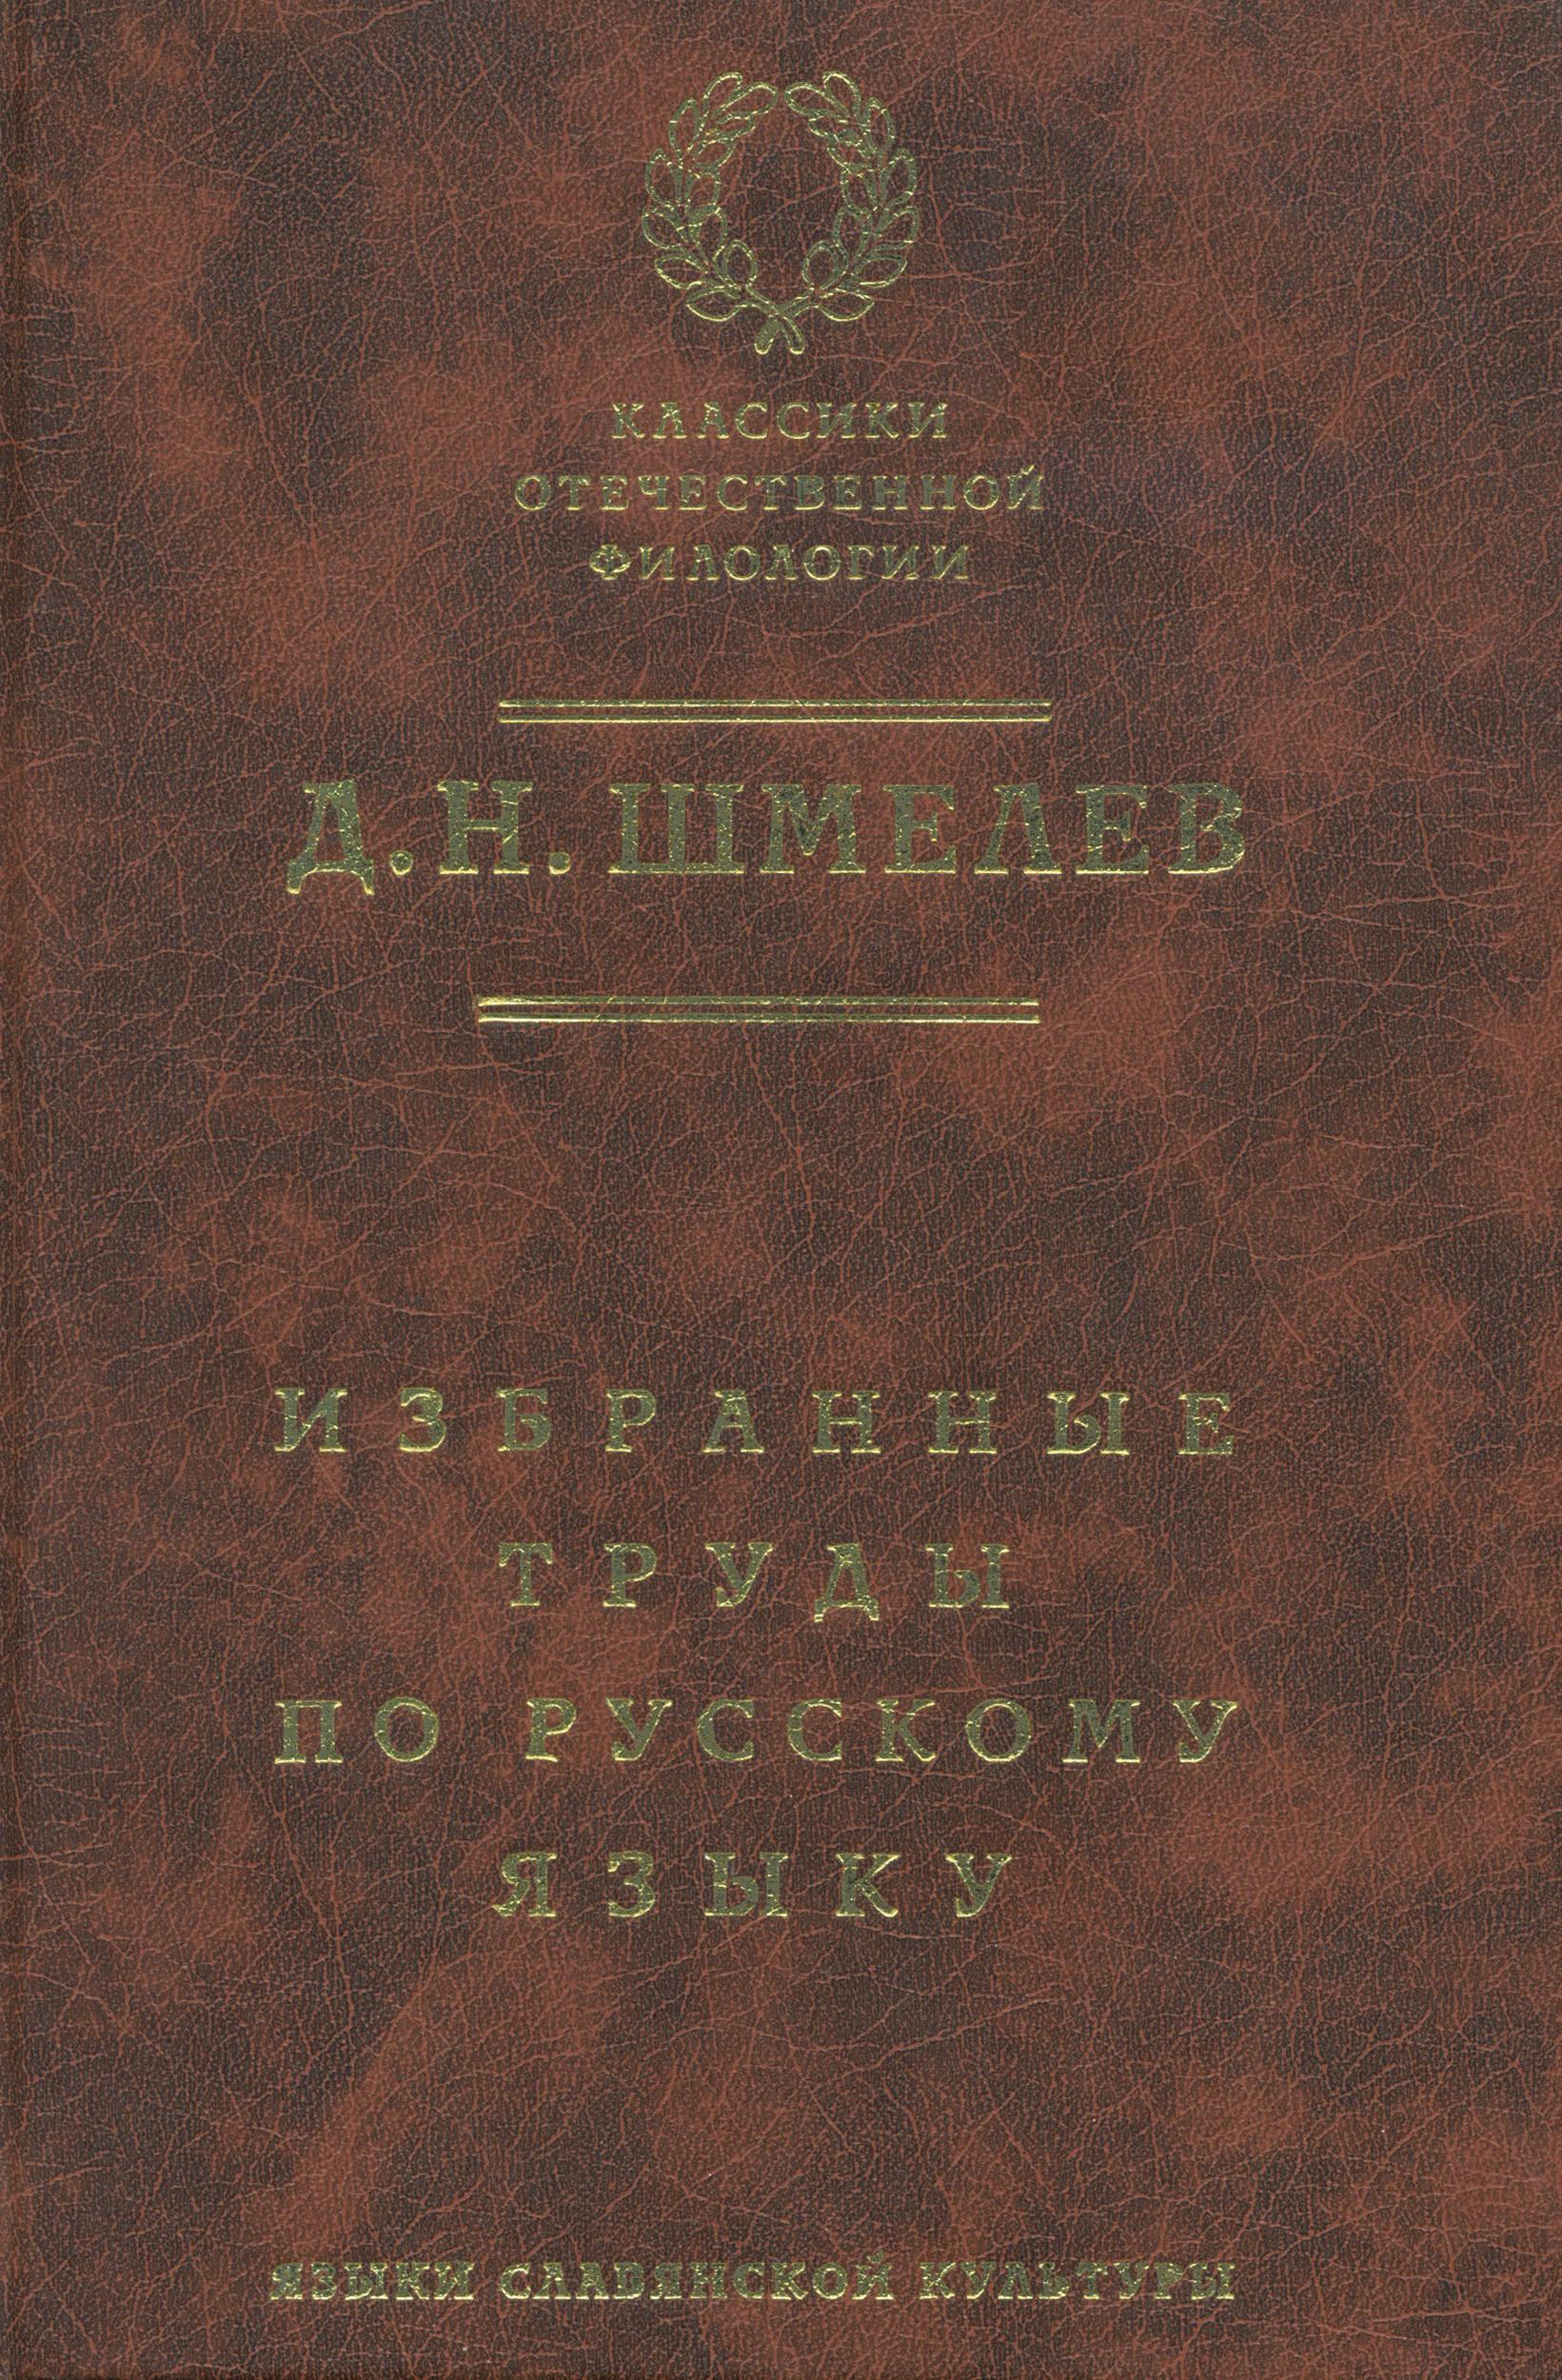 Д. Н. Шмелев Д. Н. Шмелев. Избранные труды по русскому языку а д шмелев введение в русскую аспектологию